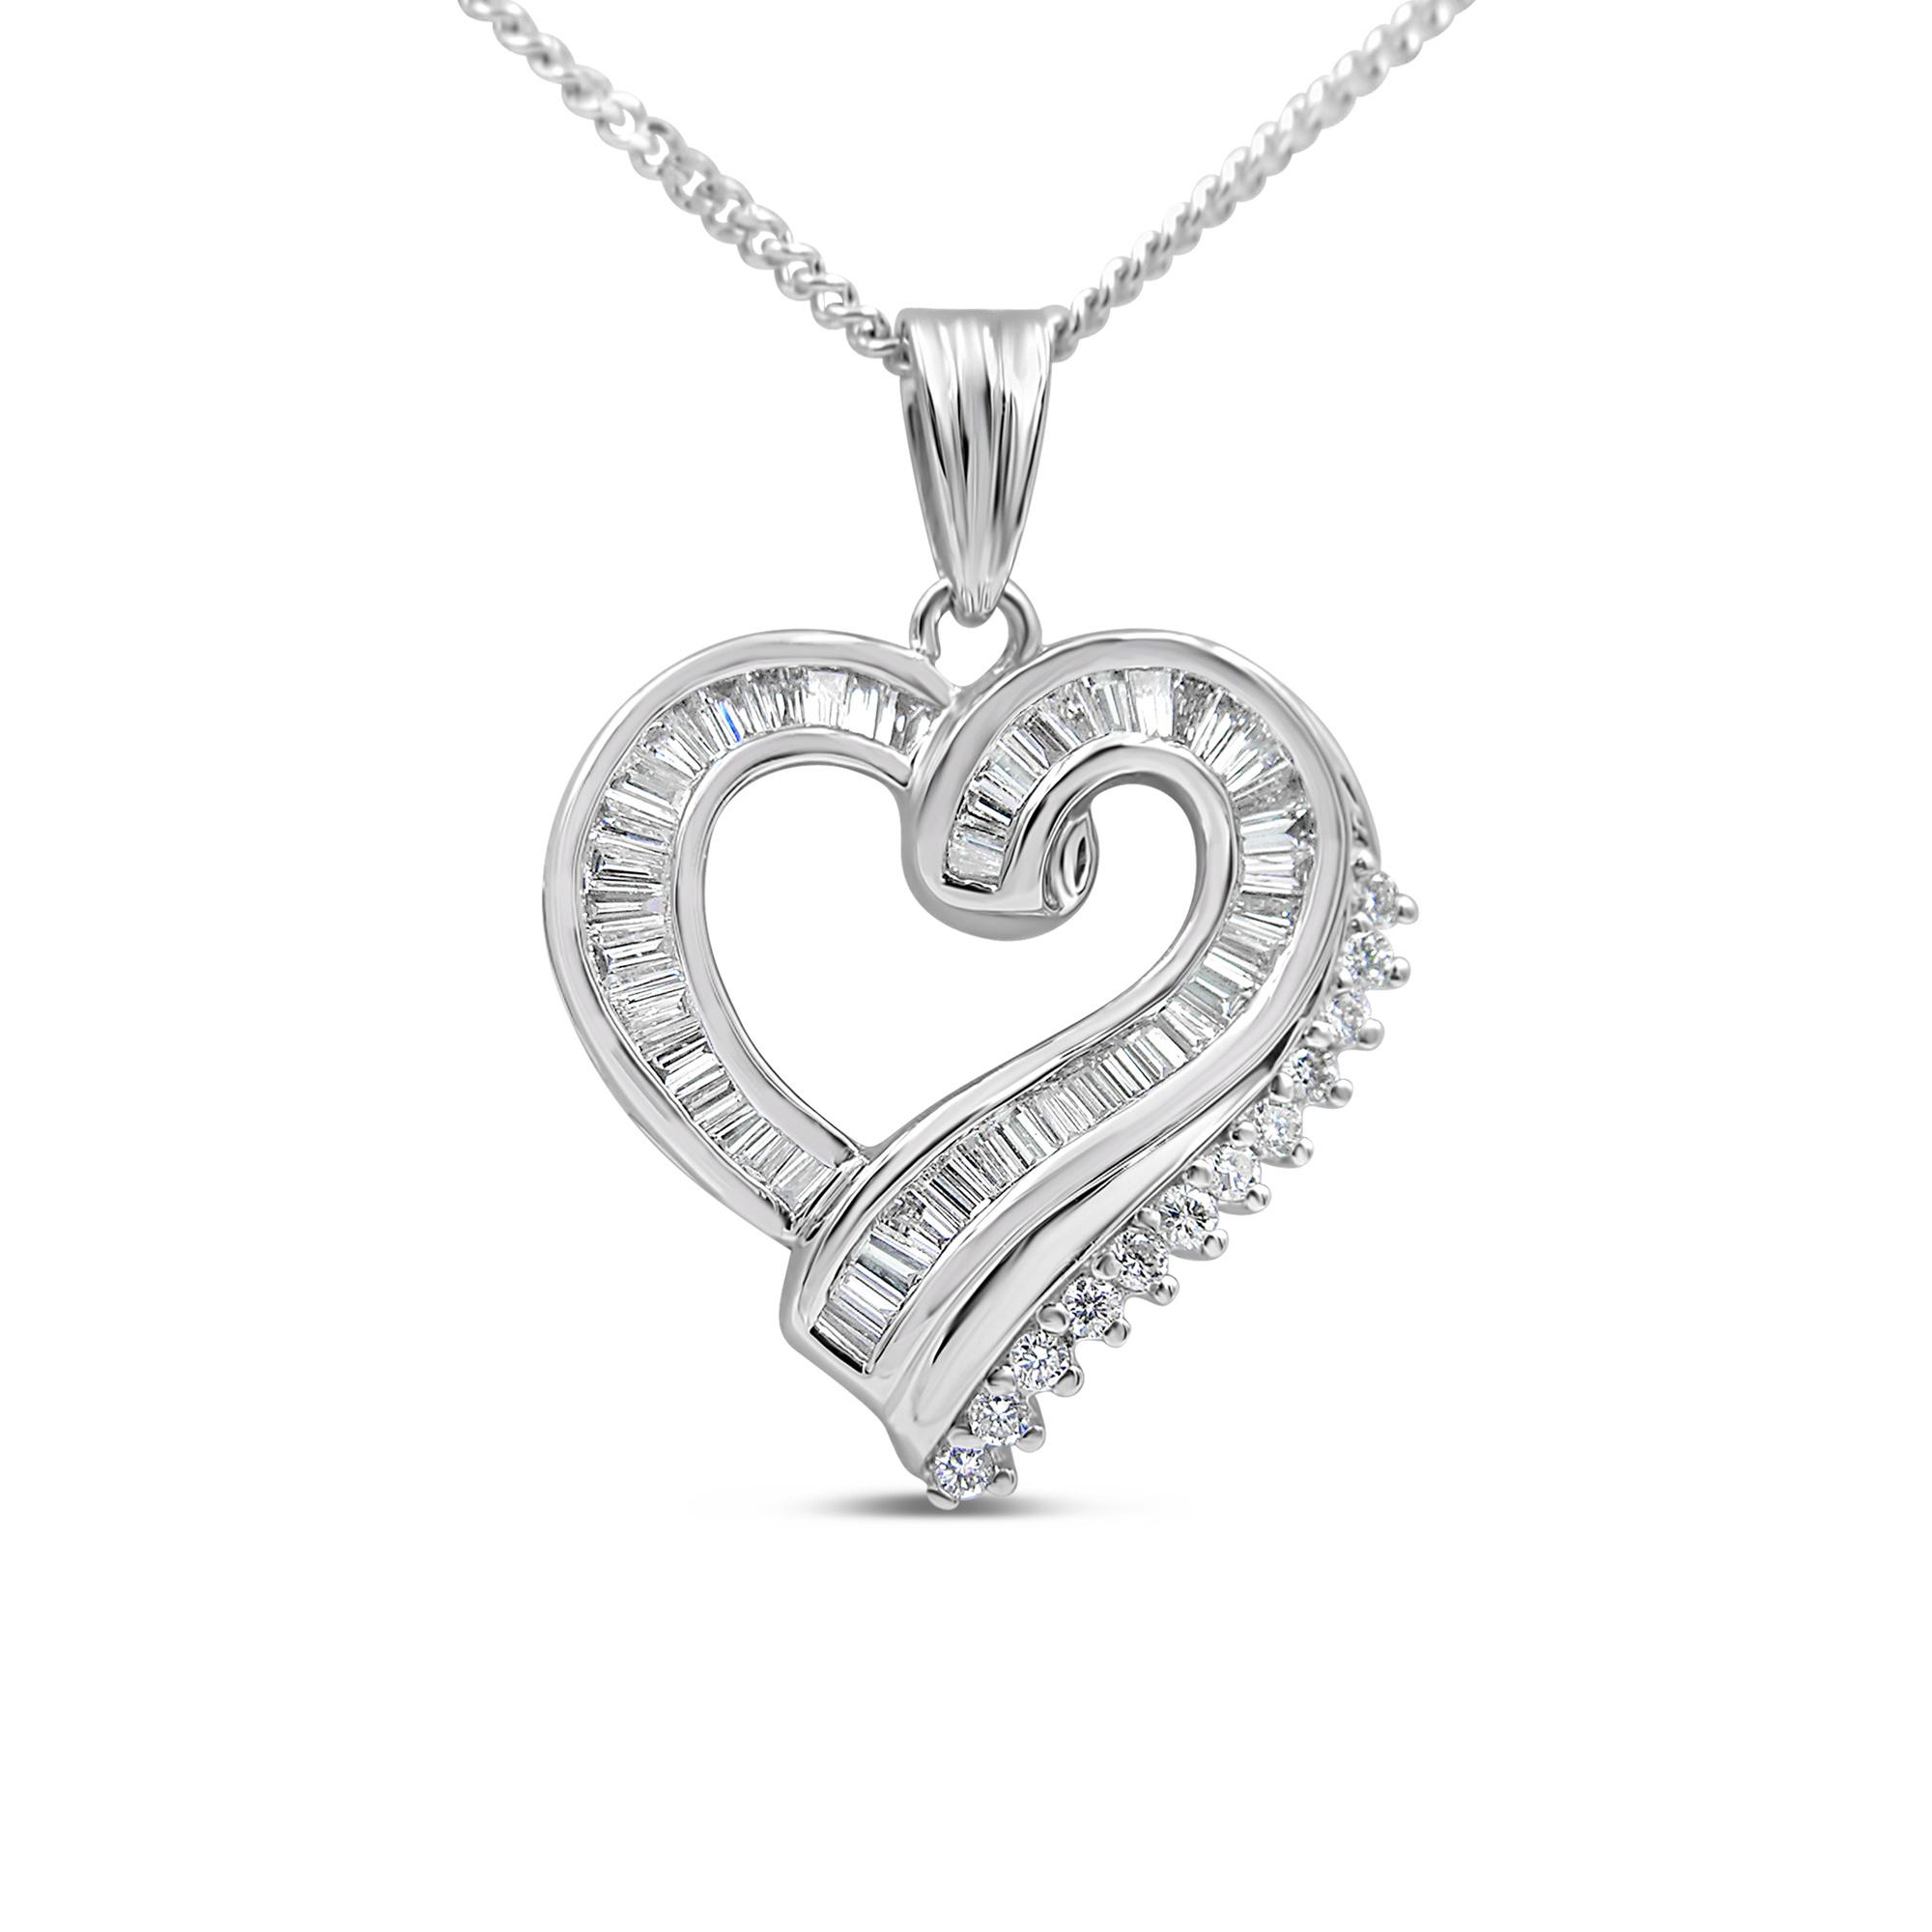 18kt wit goud hart hanger met 0.93 ct diamanten